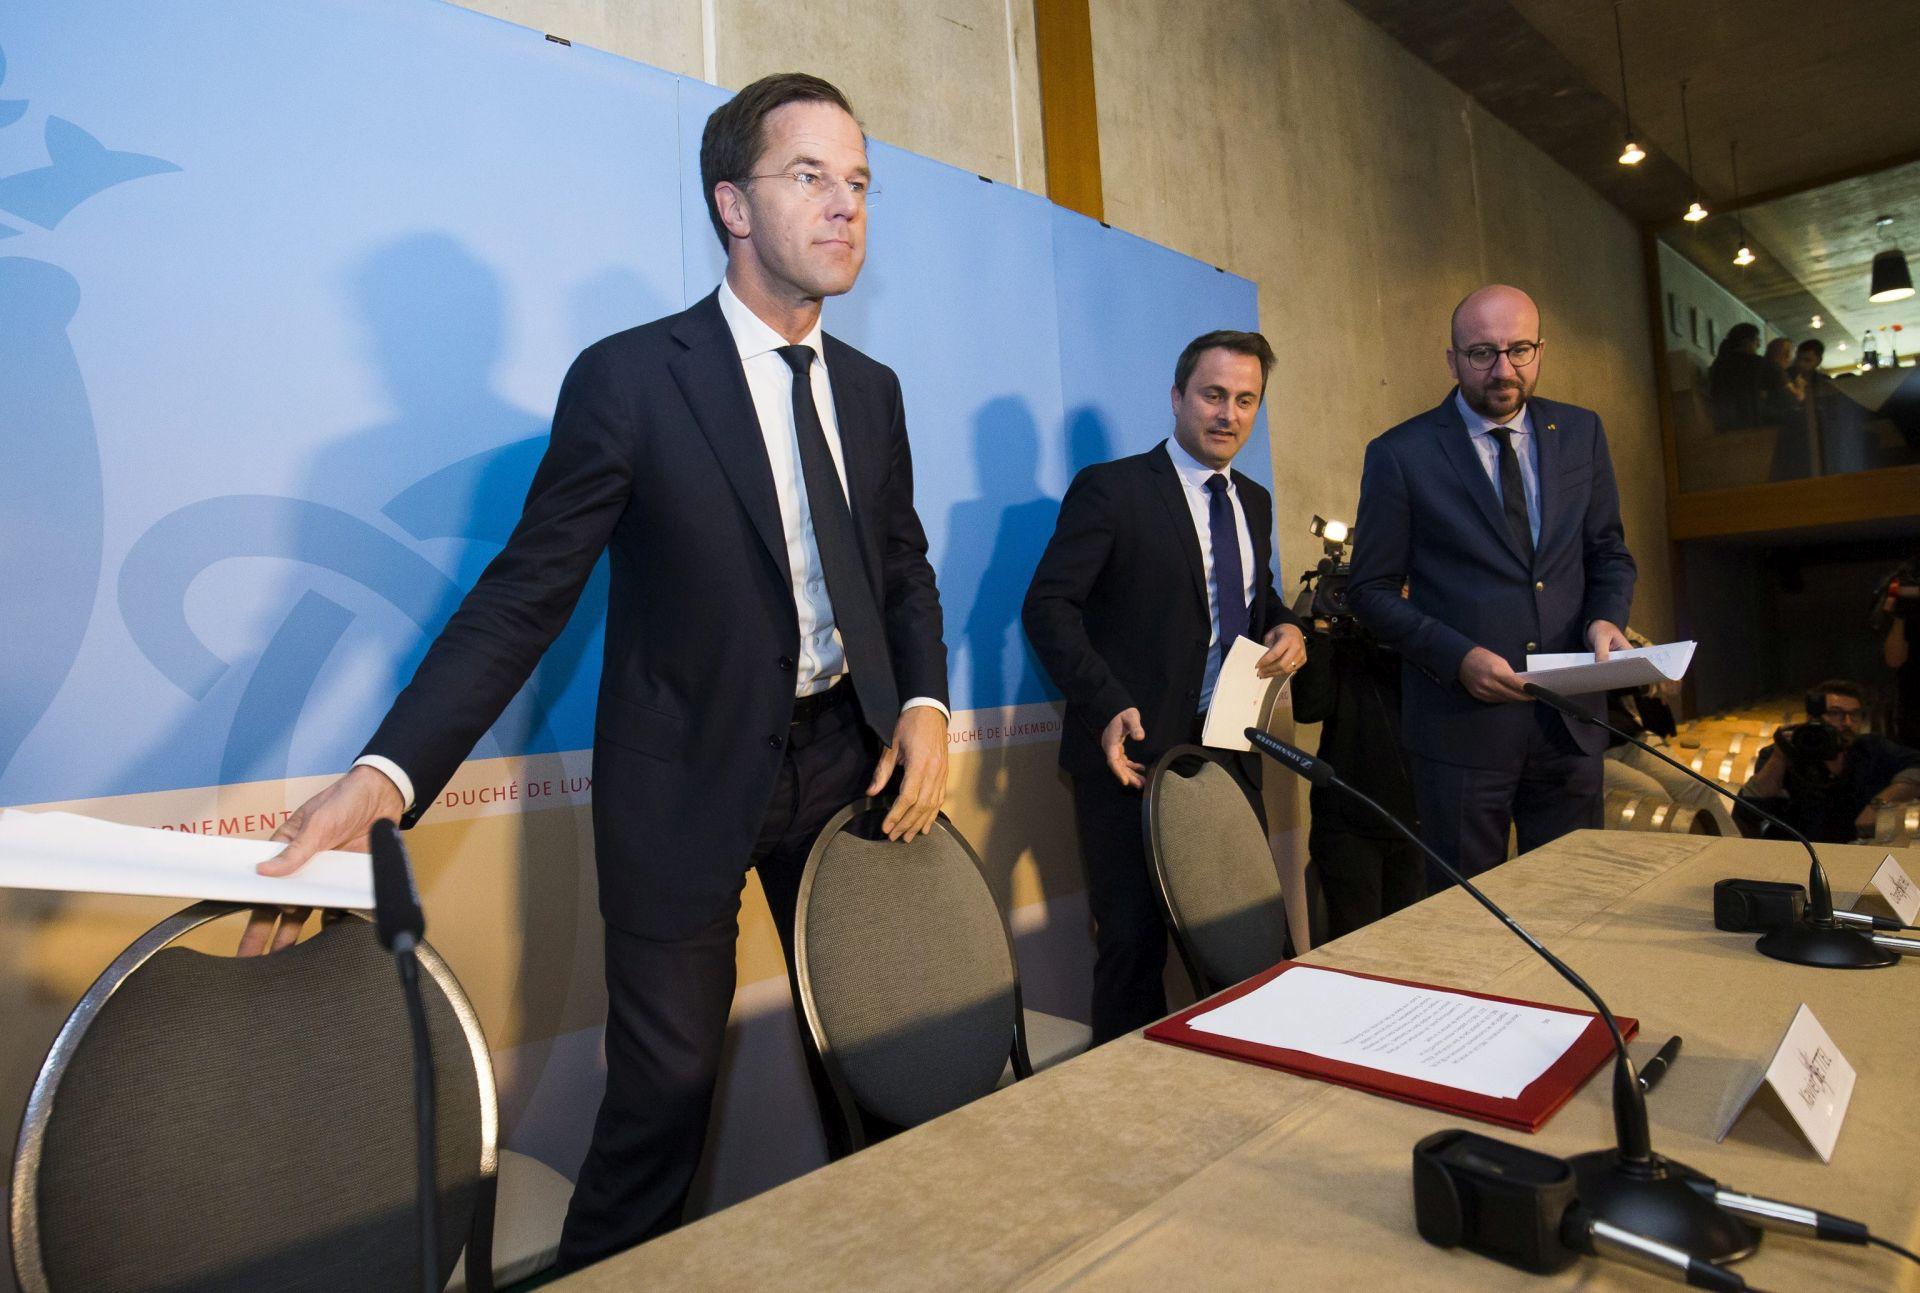 SPORAZUM EU-UKRAJINA: Nizozemska nastoji dogovoriti kompromis